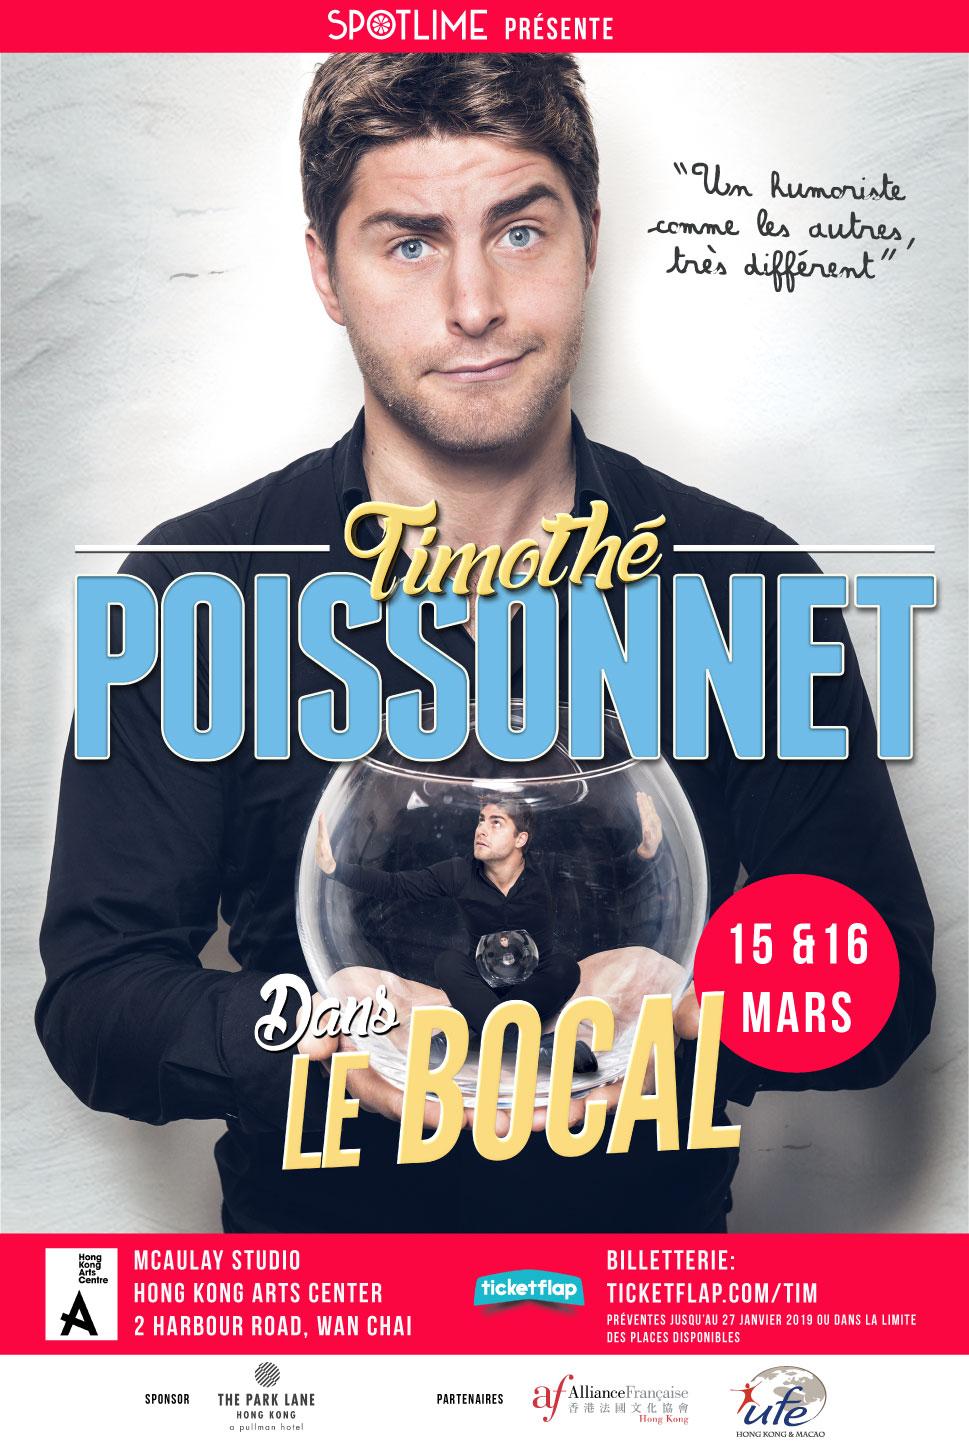 Timothé Poissonnet était en tournée à Shanghai, Bangkok, Hong Kong, et Singapour en mars 2019